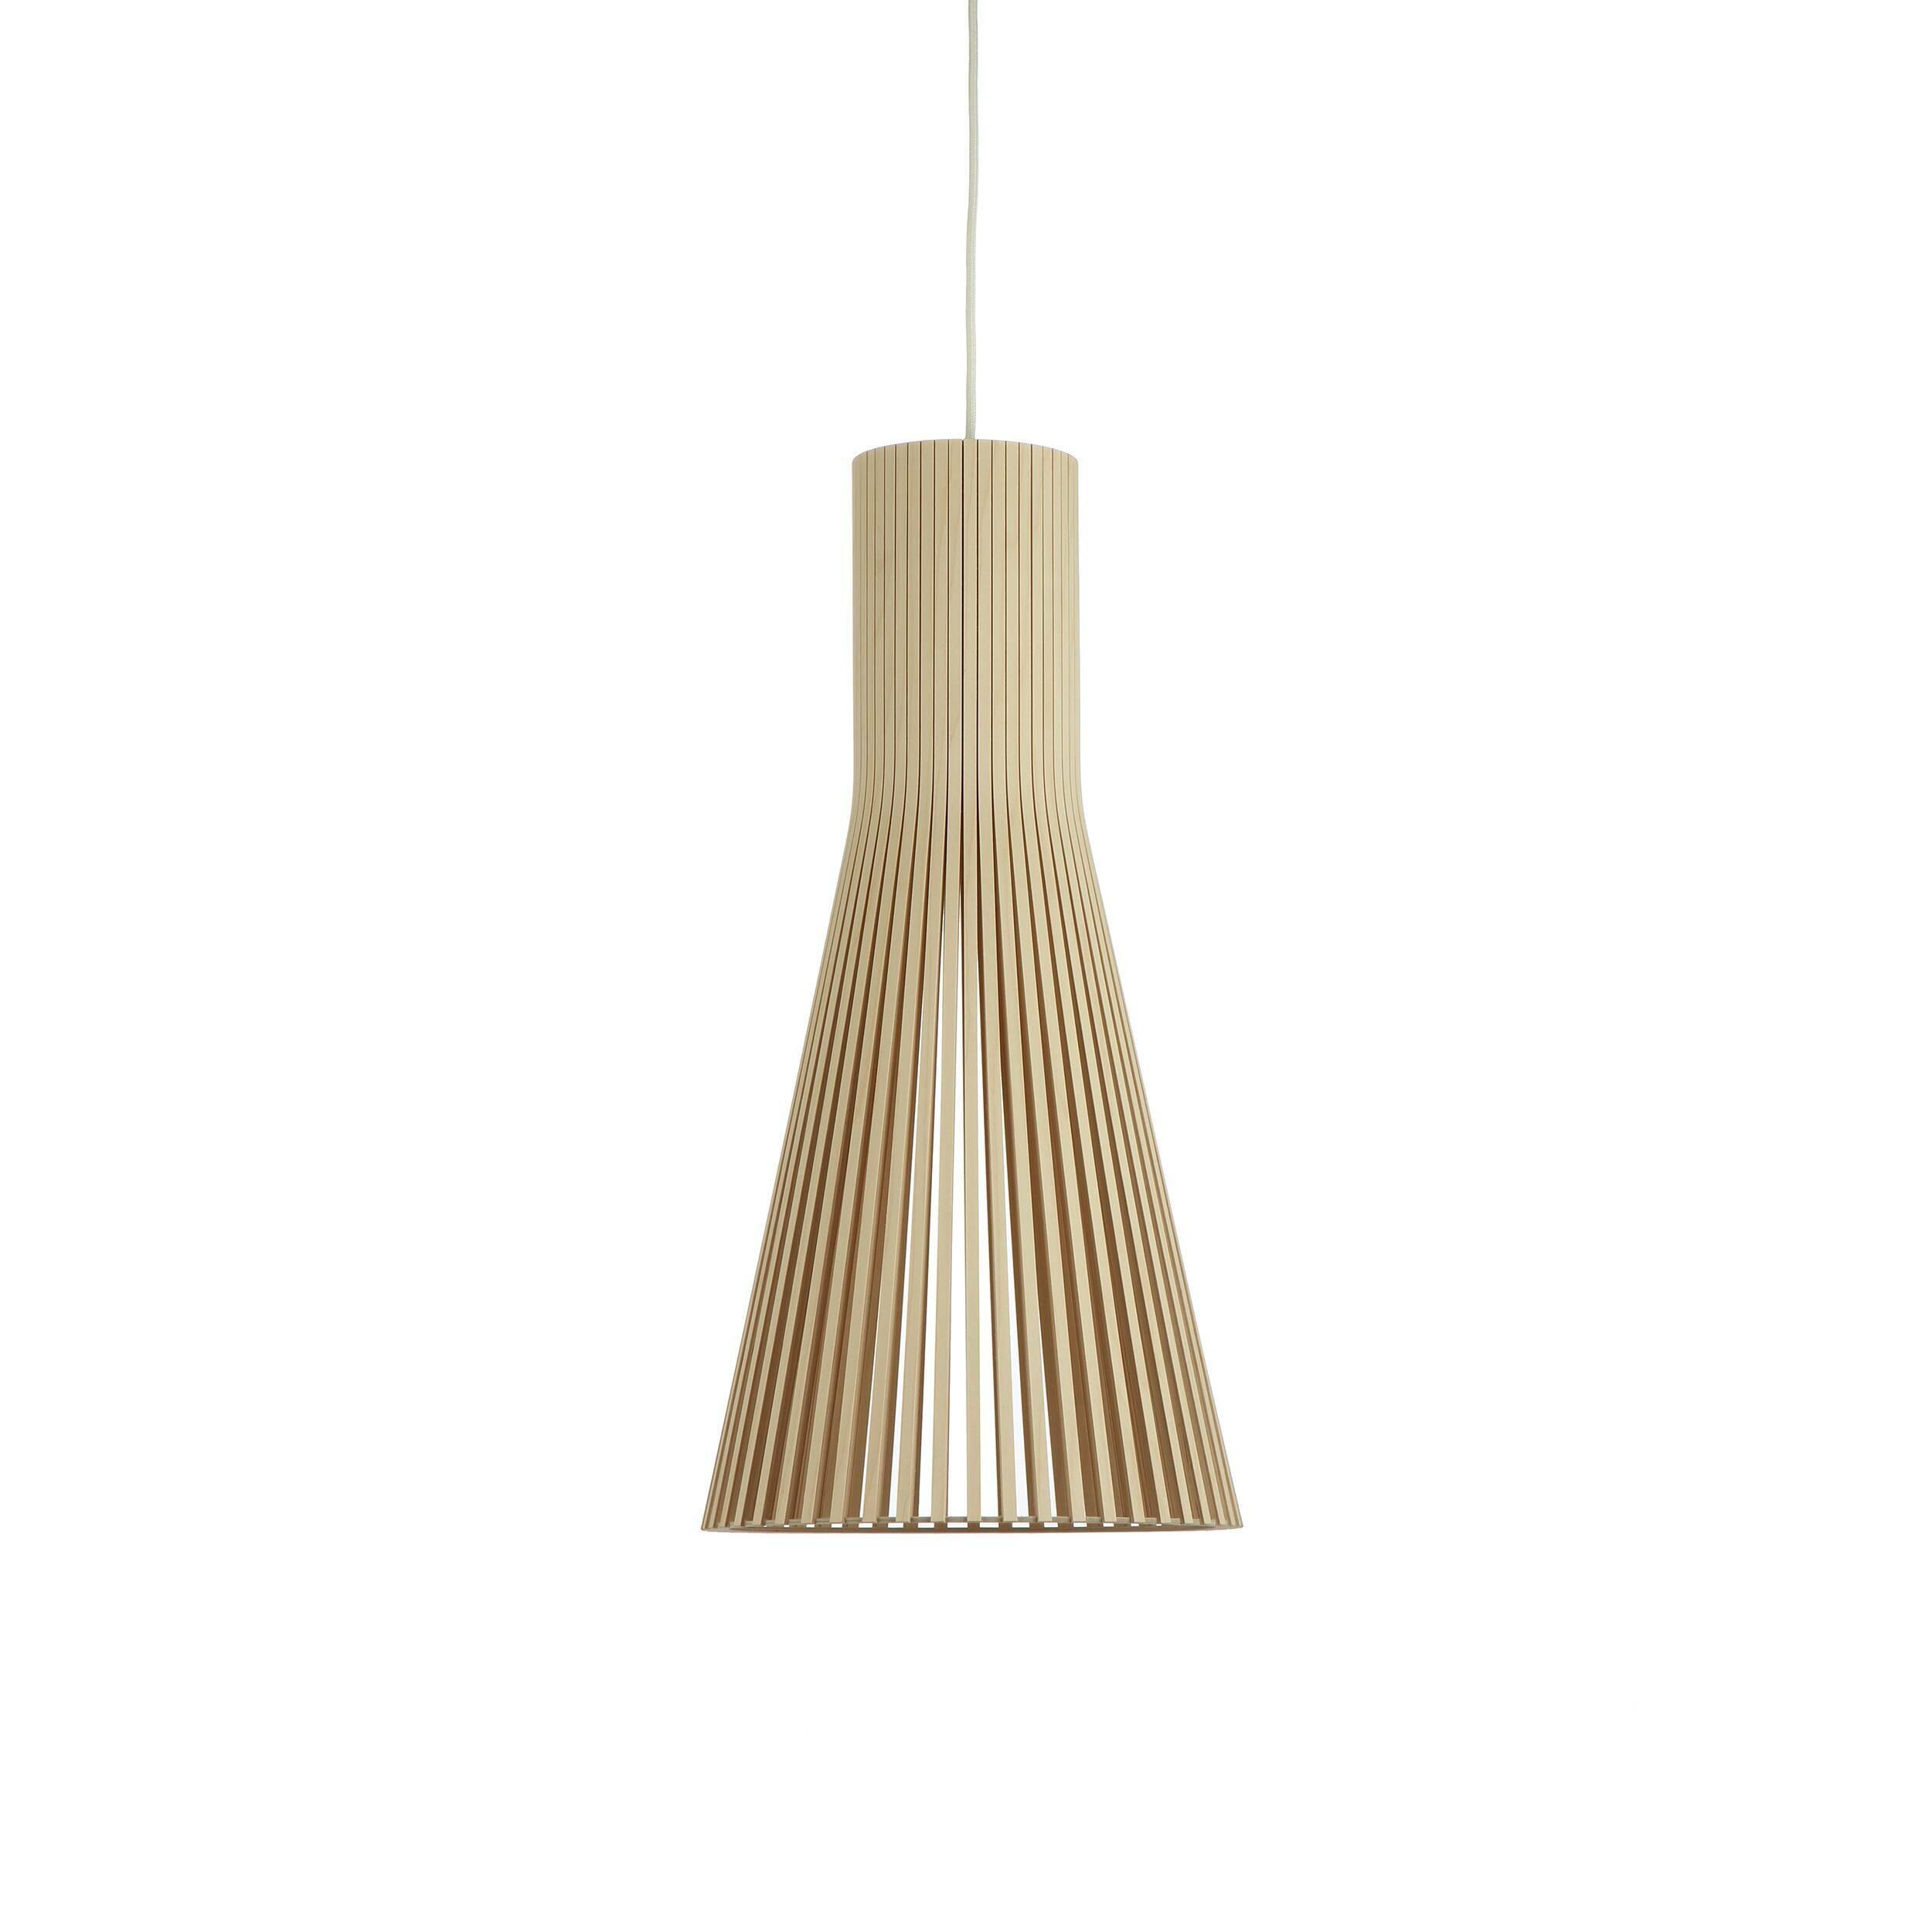 Подвесной светильник Secto 4200Подвесные<br>Компания Secto Design является финским производителем дизайнерских светильников из дерева, обретающих всемирную известность. Изготавливаемые вручную высококвалифицированными специалистами из натуральной древесины березы, они наделены простотой и четкостью скандинавского стиля. Торшеры, подвесные светильники и настенные бра, а также настольные лампы обеспечивают мягкое свечение и придают атмосферность любому помещению.<br><br><br> Подвесной светильник Secto 4200 придумал и разработал финский диз...<br><br>stock: 0<br>Высота: 60<br>Диаметр: 30<br>Количество ламп: 1<br>Материал арматуры: Береза<br>Мощность лампы: 40<br>Ламп в комплекте: Нет<br>Напряжение: 220<br>Теплота света: 3000<br>Тип лампы/цоколь: E27<br>Цвет арматуры: Натуральный